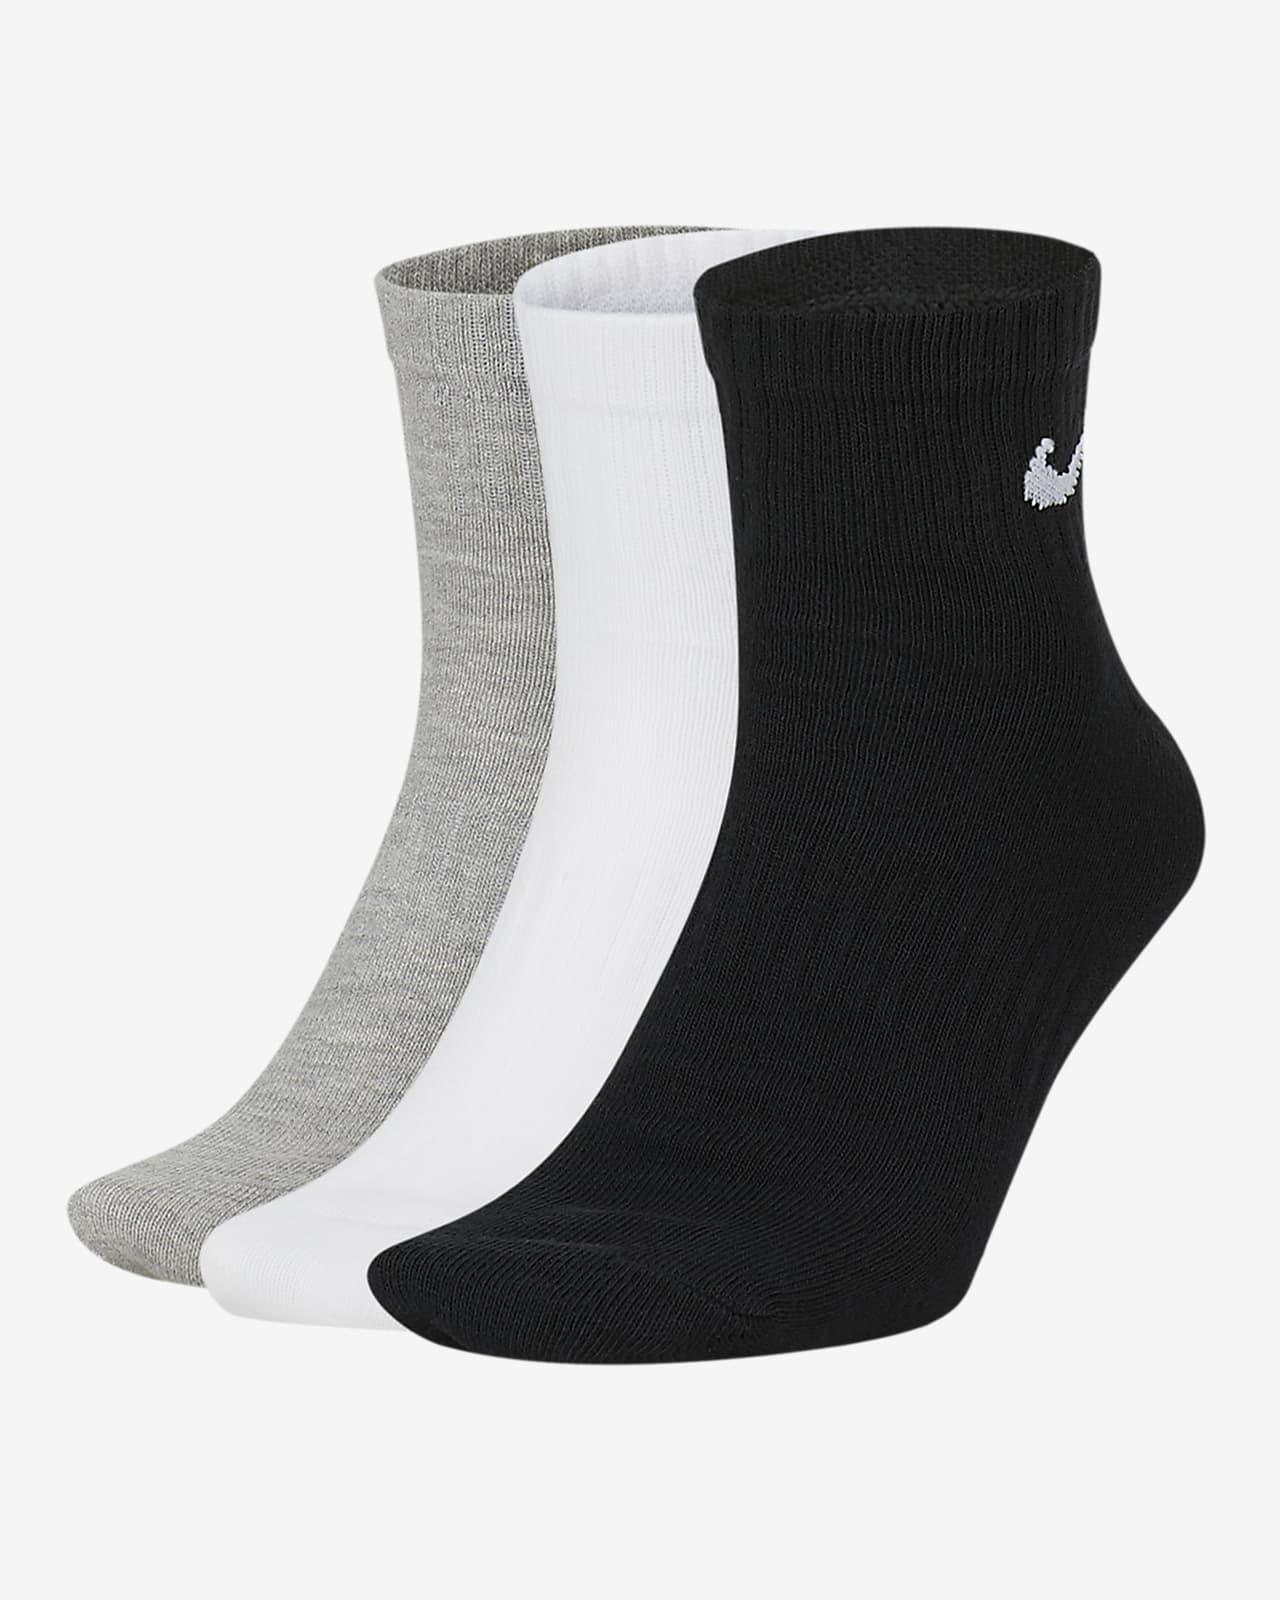 Κάλτσες προπόνησης μέχρι τον αστράγαλο Nike Everyday Lightweight (3 ζευγάρια)